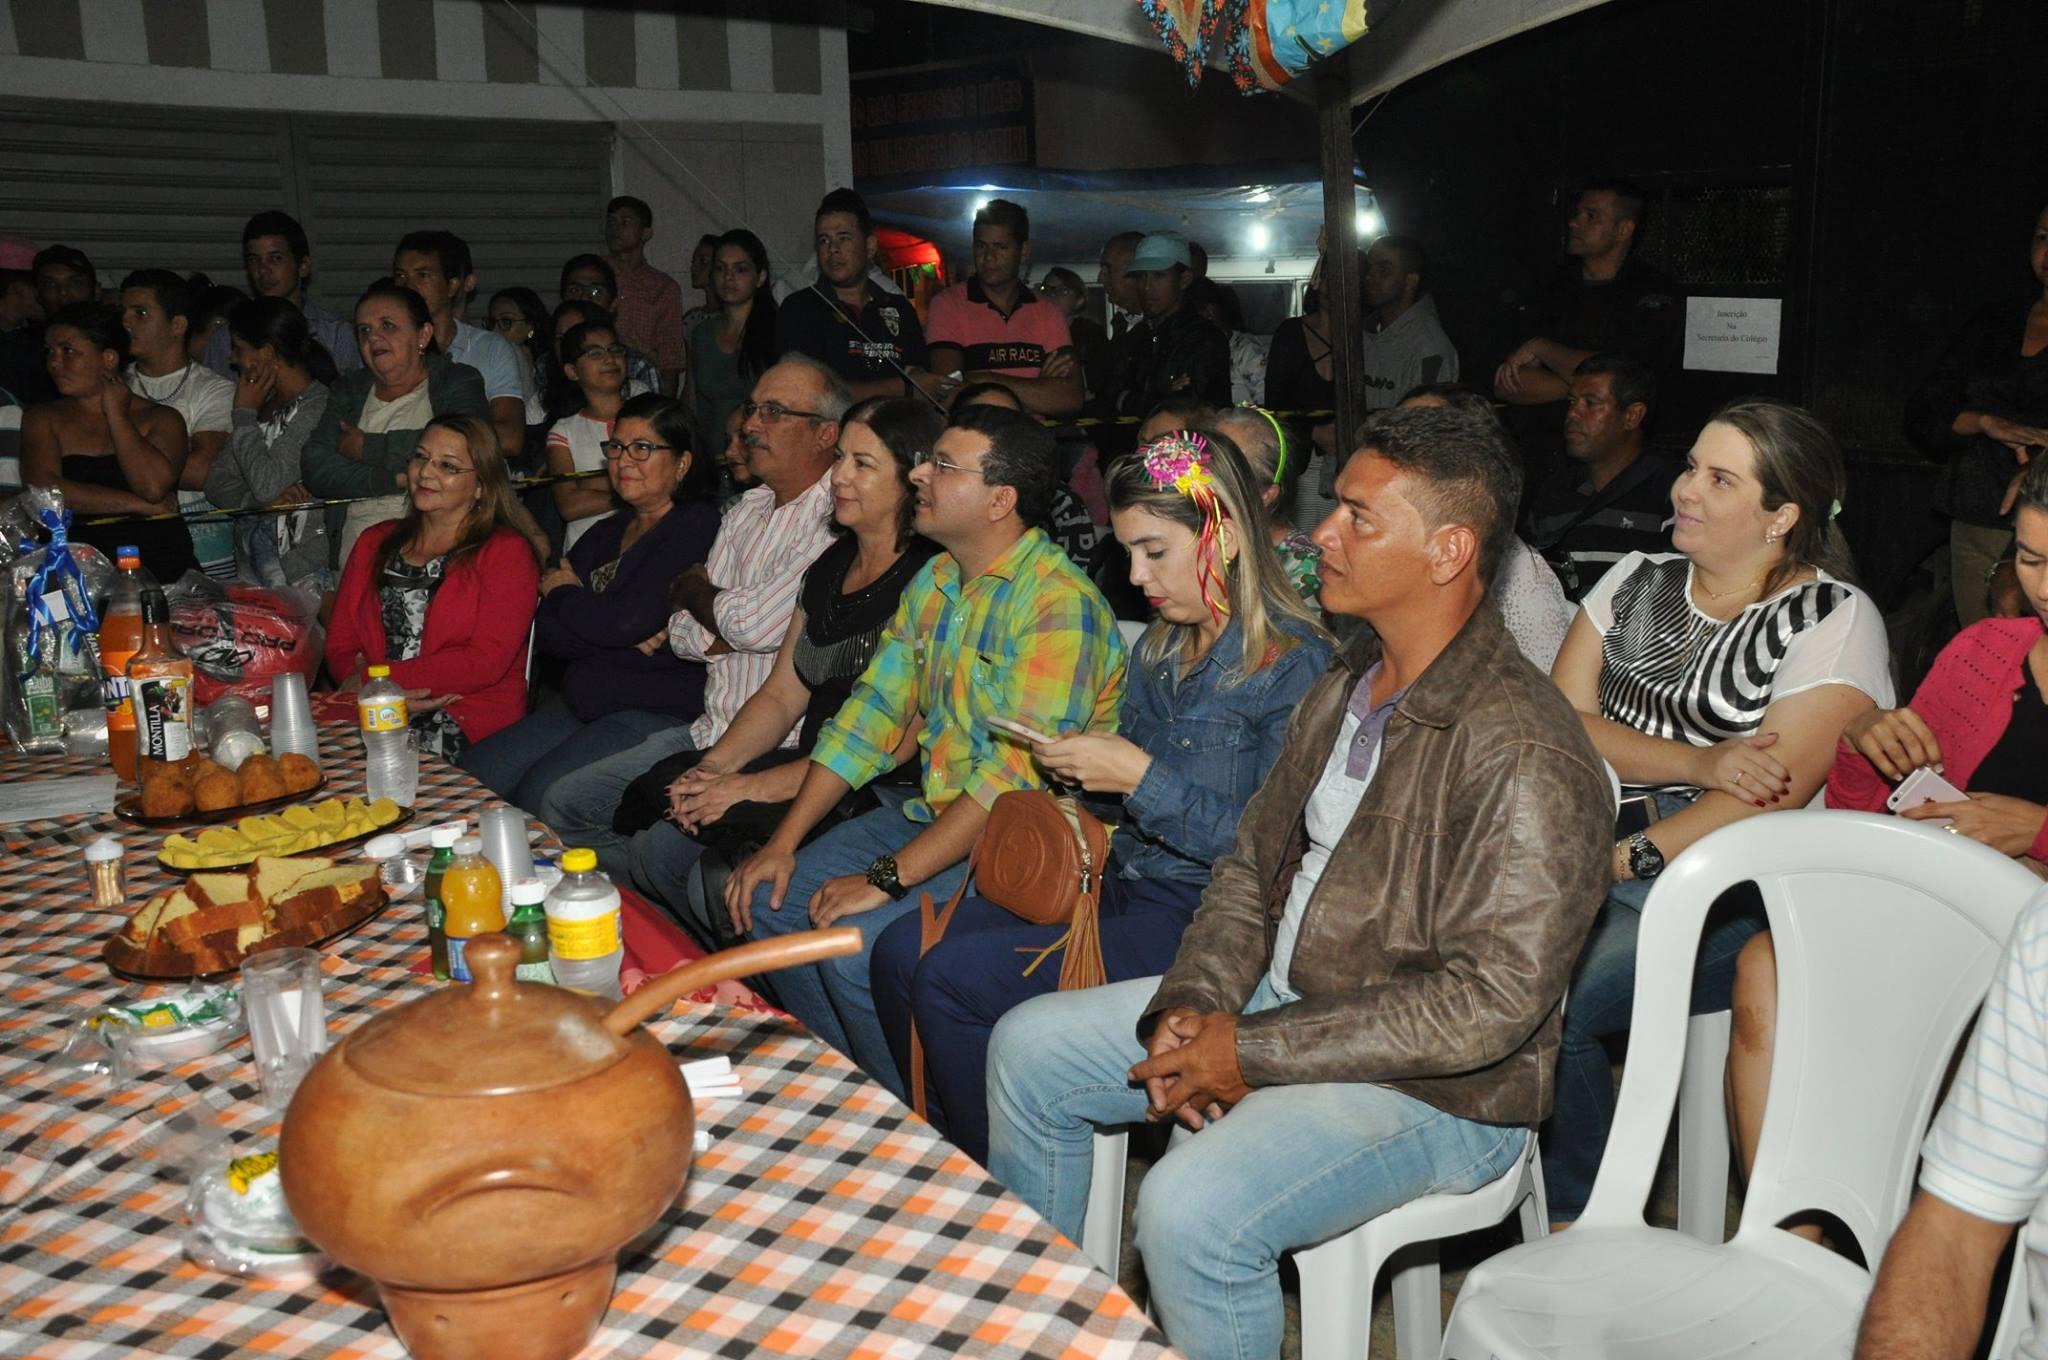 19055744_1899327640340426_5332838057646408398_o-1024x680 OPIPOCO mostra como foi a Segunda noite do festival de quadrilhas em Monteiro. Confira Imagens